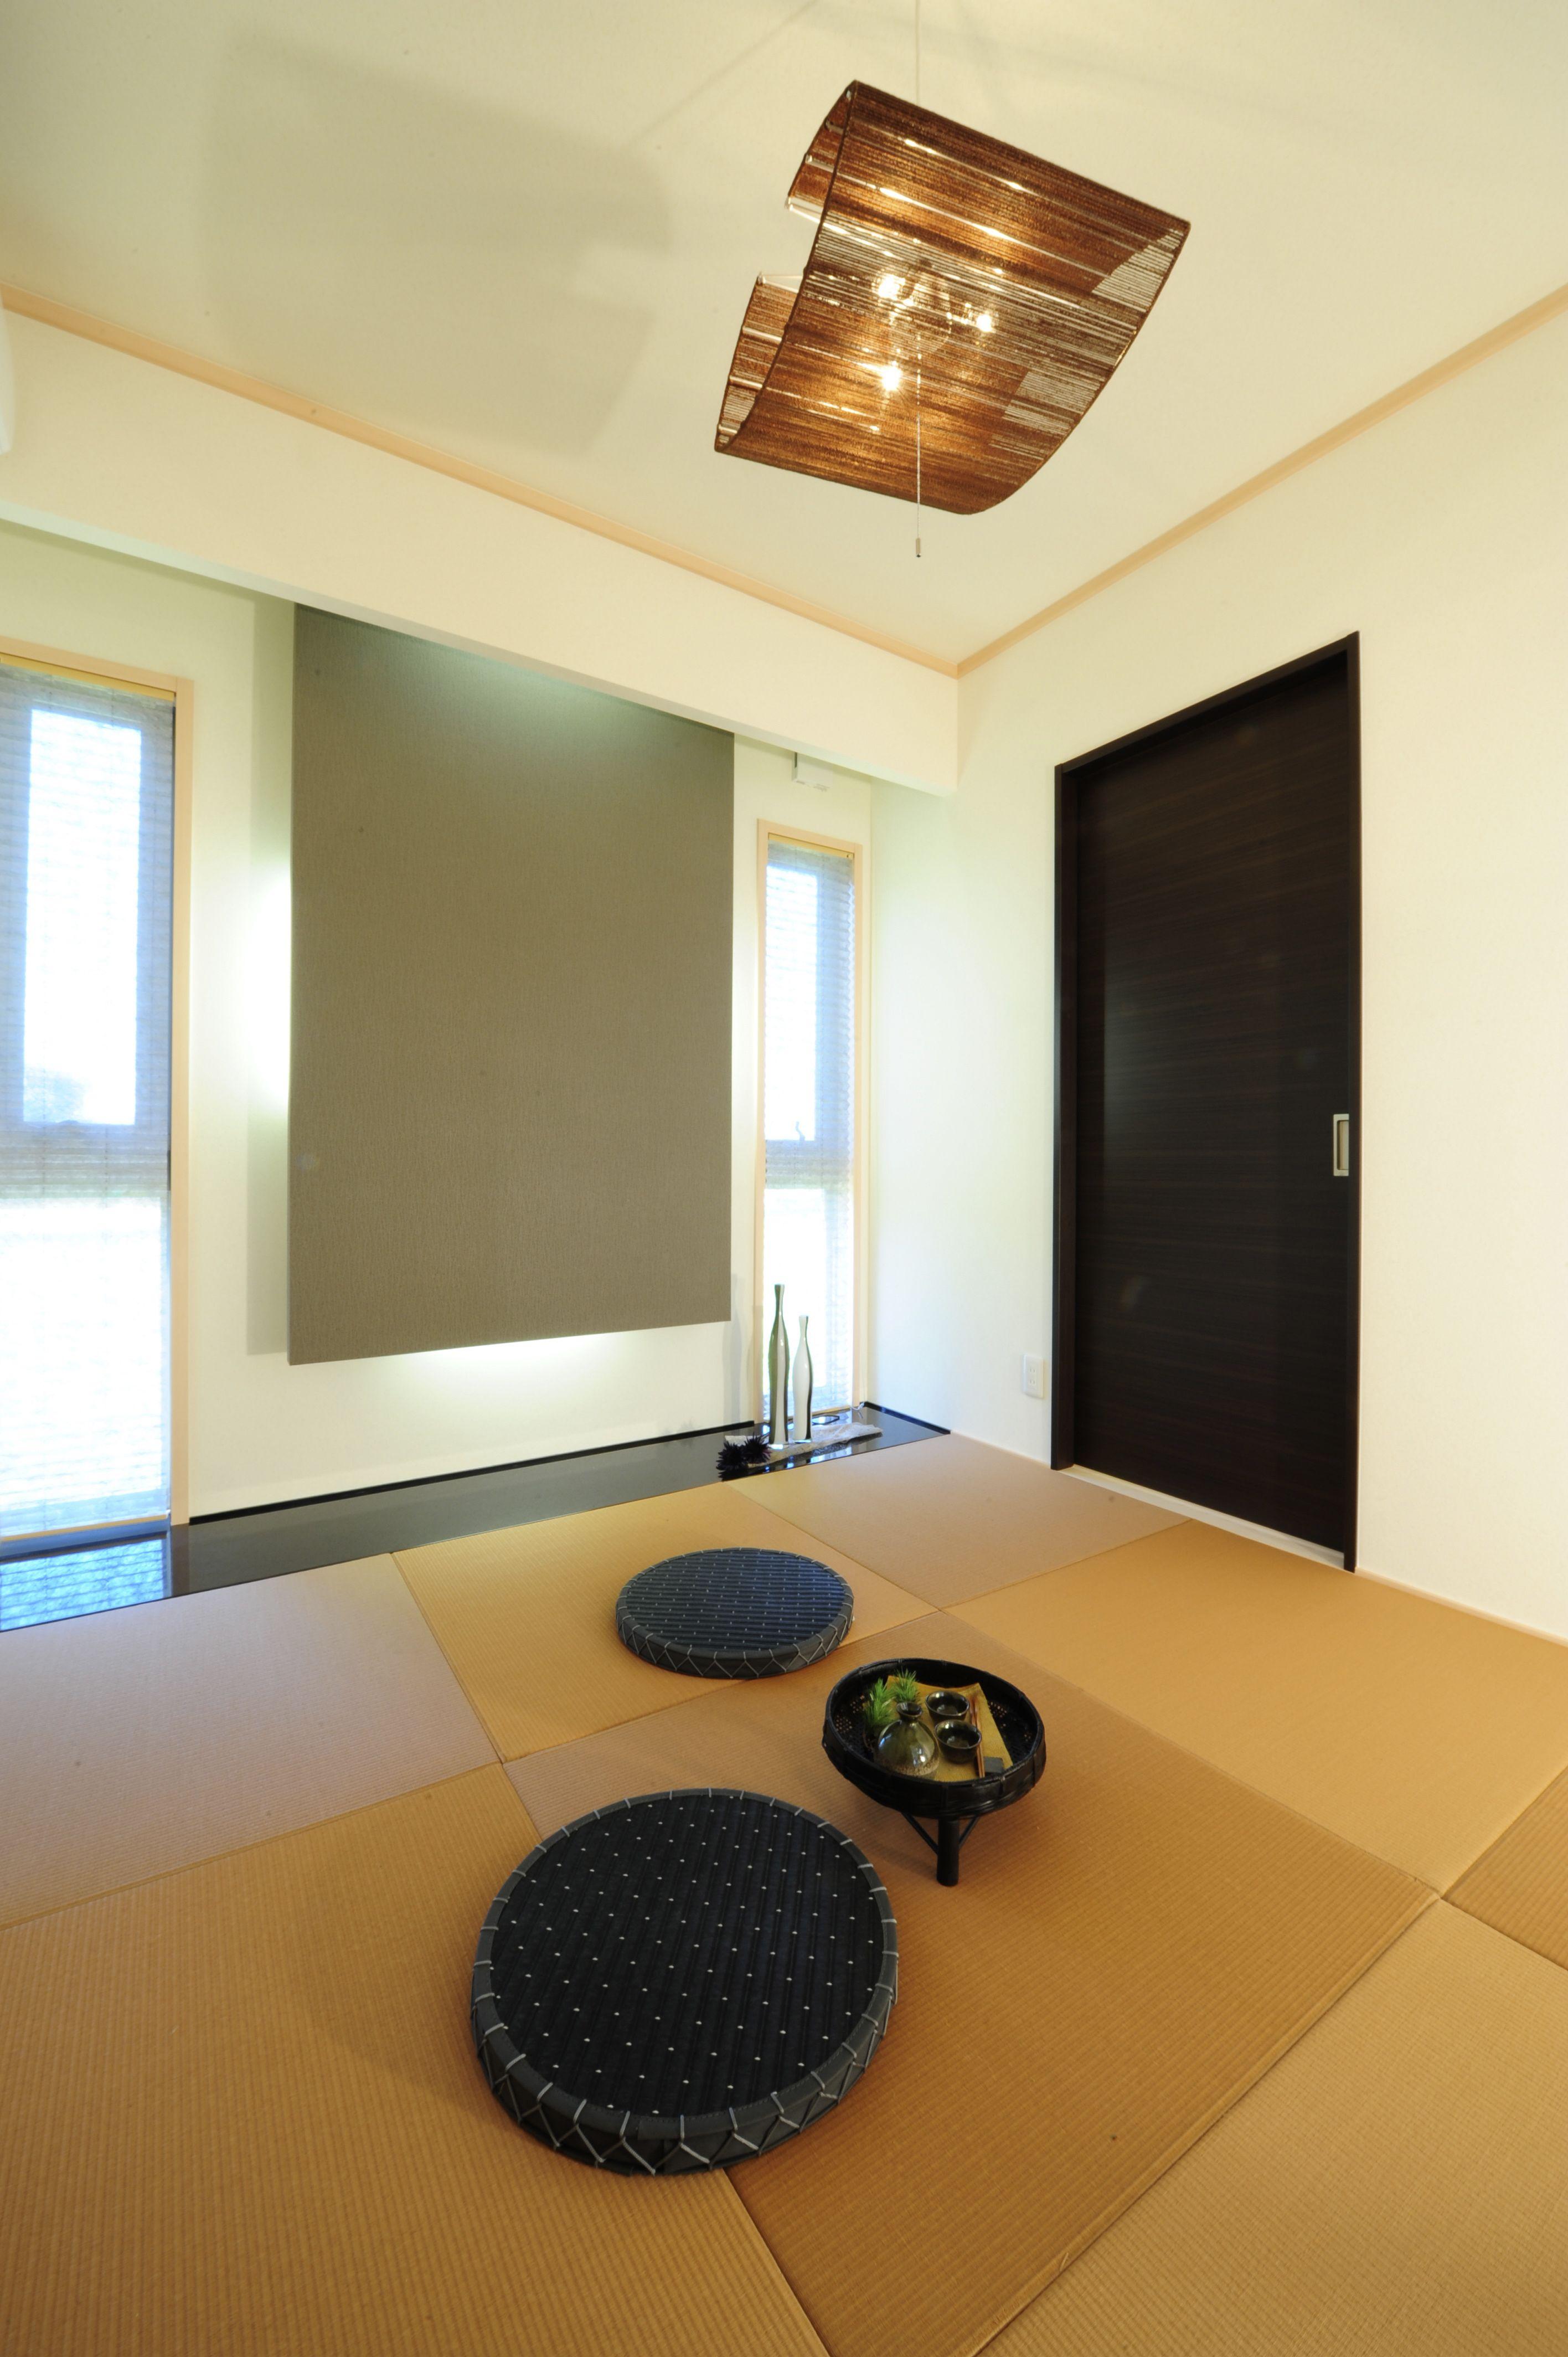 オシャレな琉球畳が濃い色により モダンな雰囲気の和室がこだわりの家です